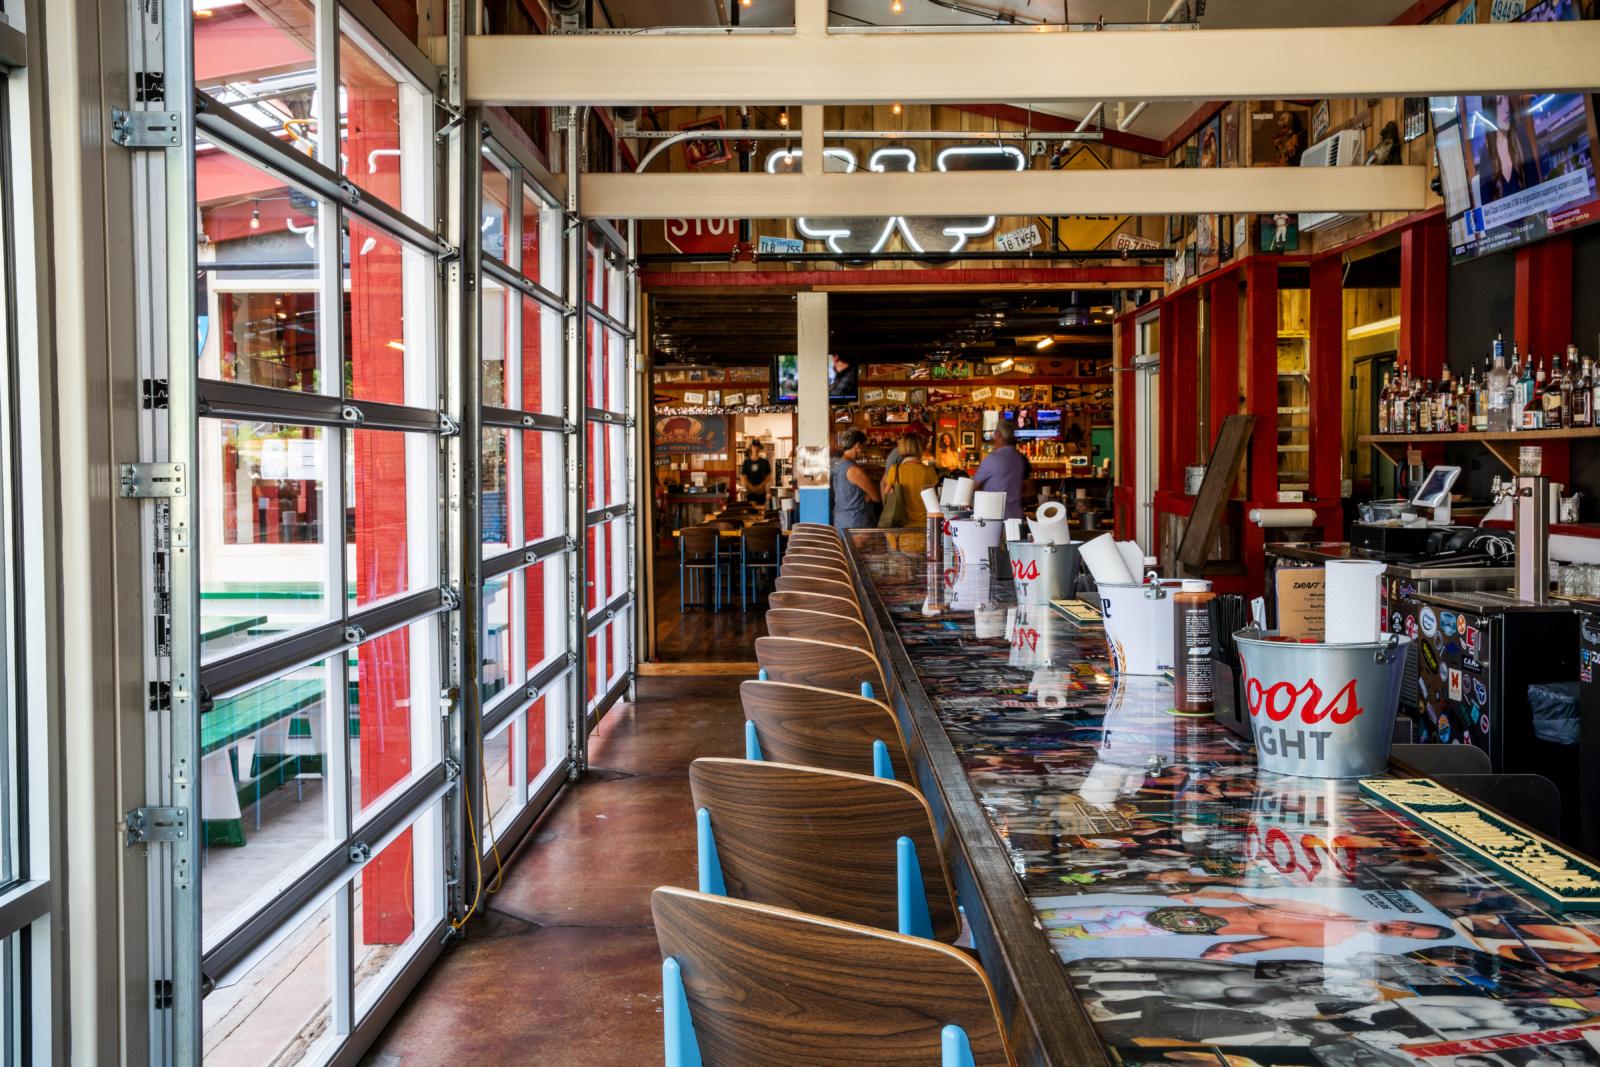 The interior bar at Martin's BBQ.